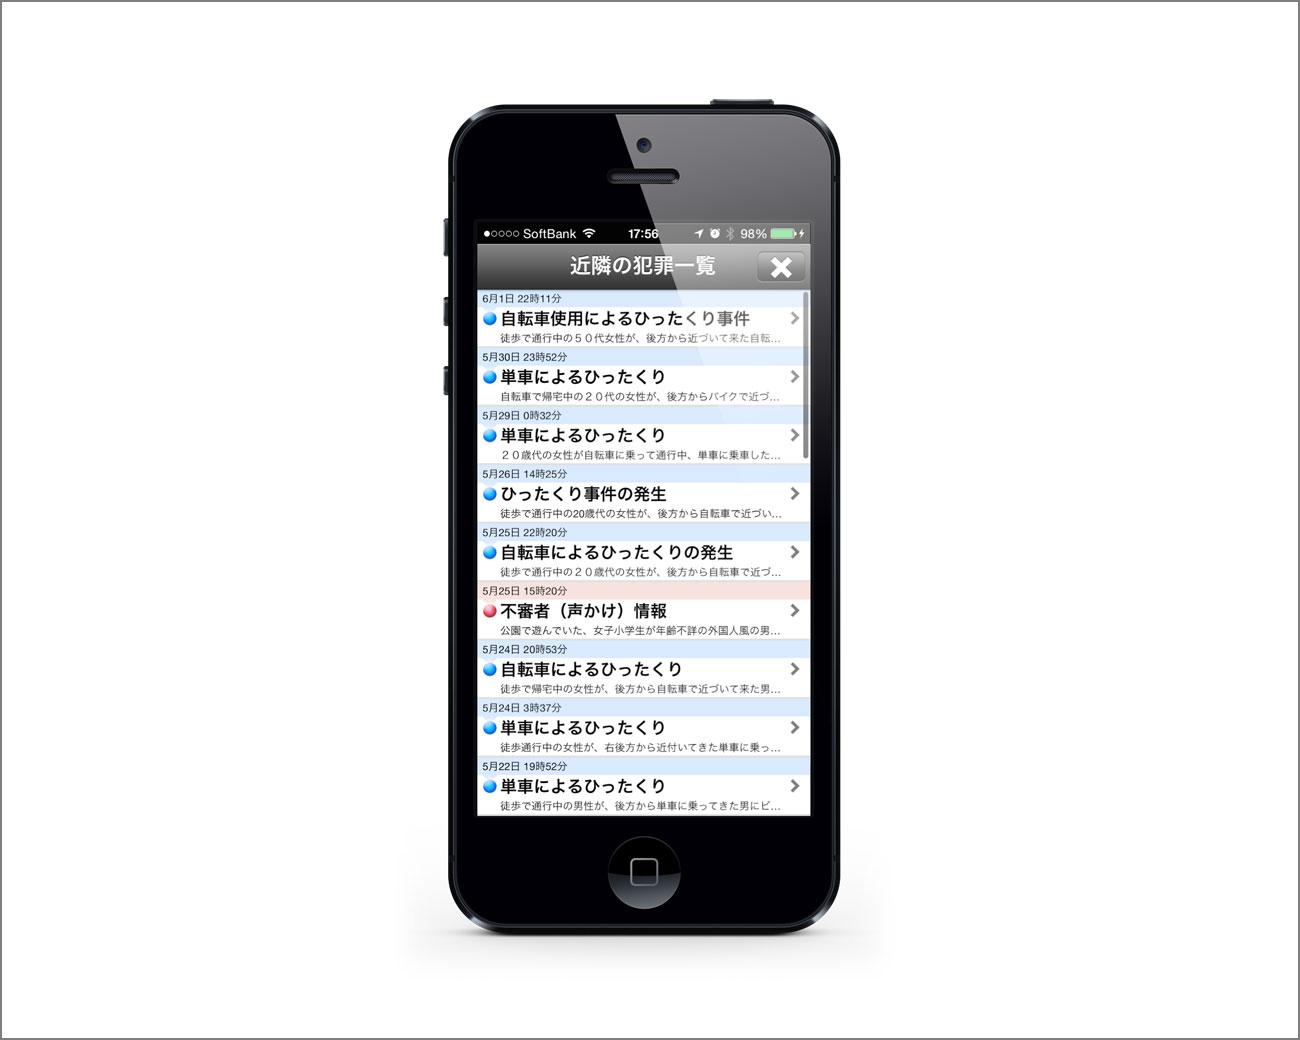 防犯マップアプリ、iPhoneでの表示